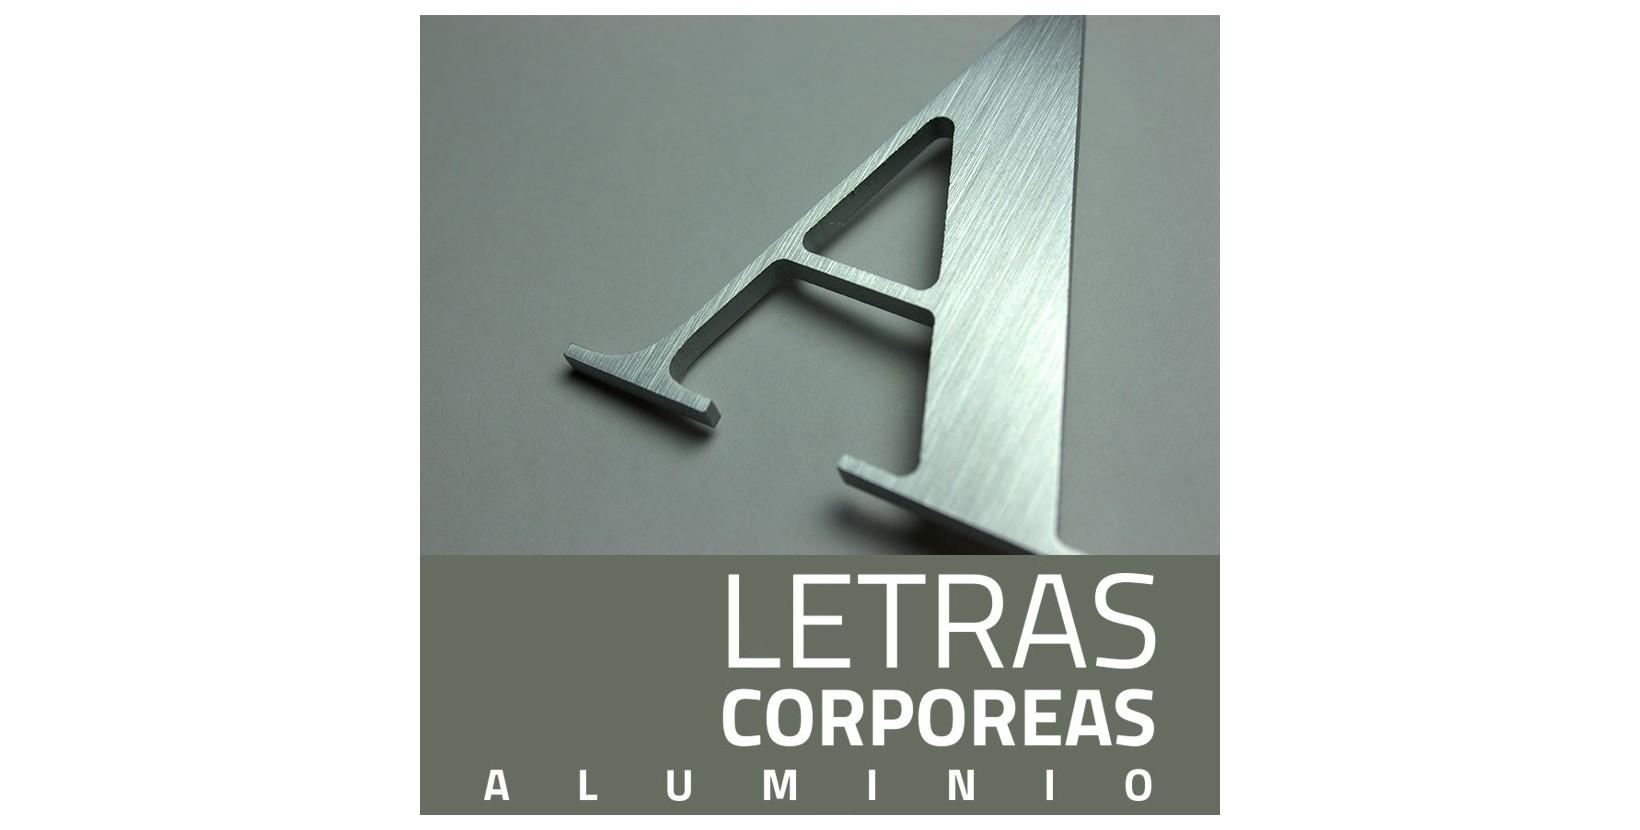 Letras corp reas aluminio letra corp rea aluminio - Letras para pared ...